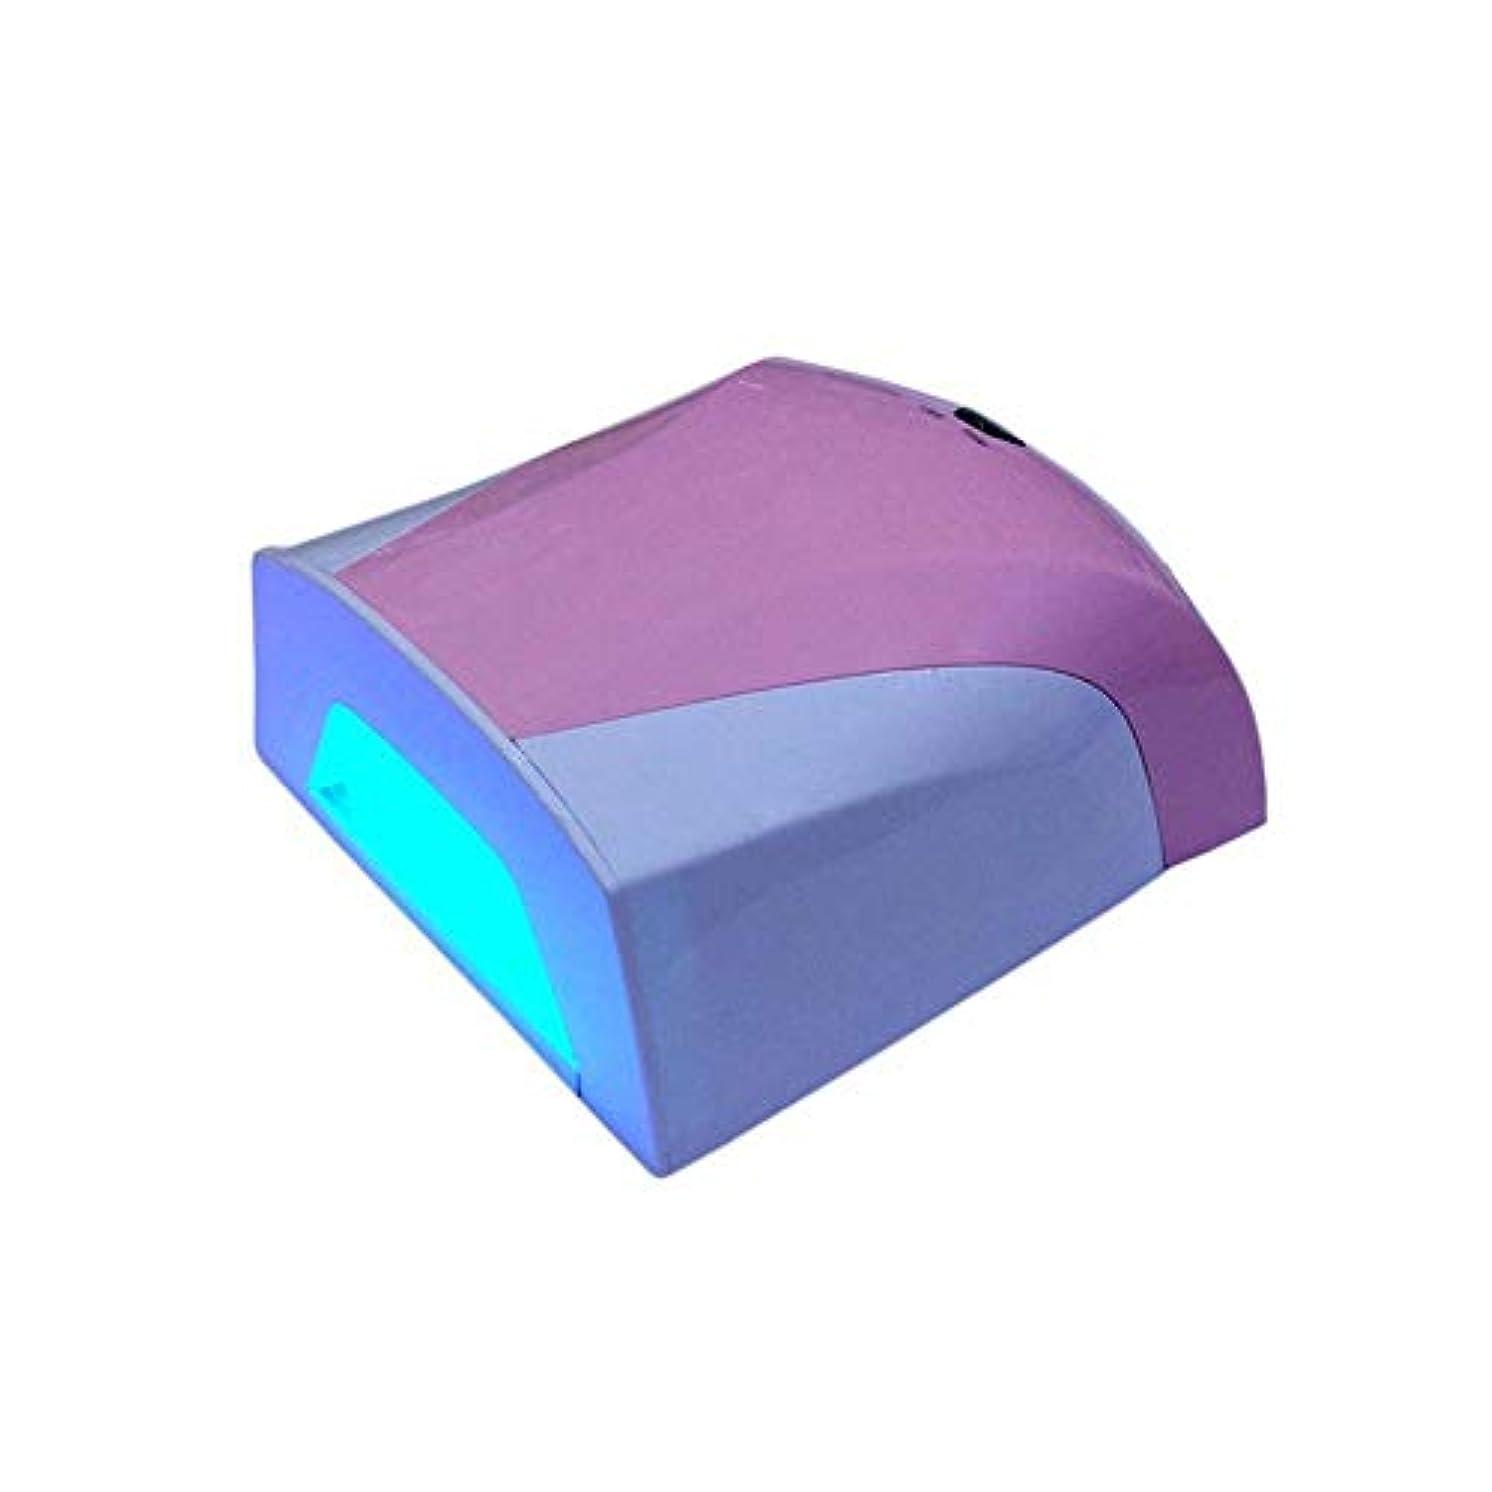 錫疑問を超えてキャプチャー36ワットuv ledネイルランプネイルドライヤーライトマシン用硬化ゲルネイルポリッシュネイルアートマニキュアツールでタイマー設定、ファン